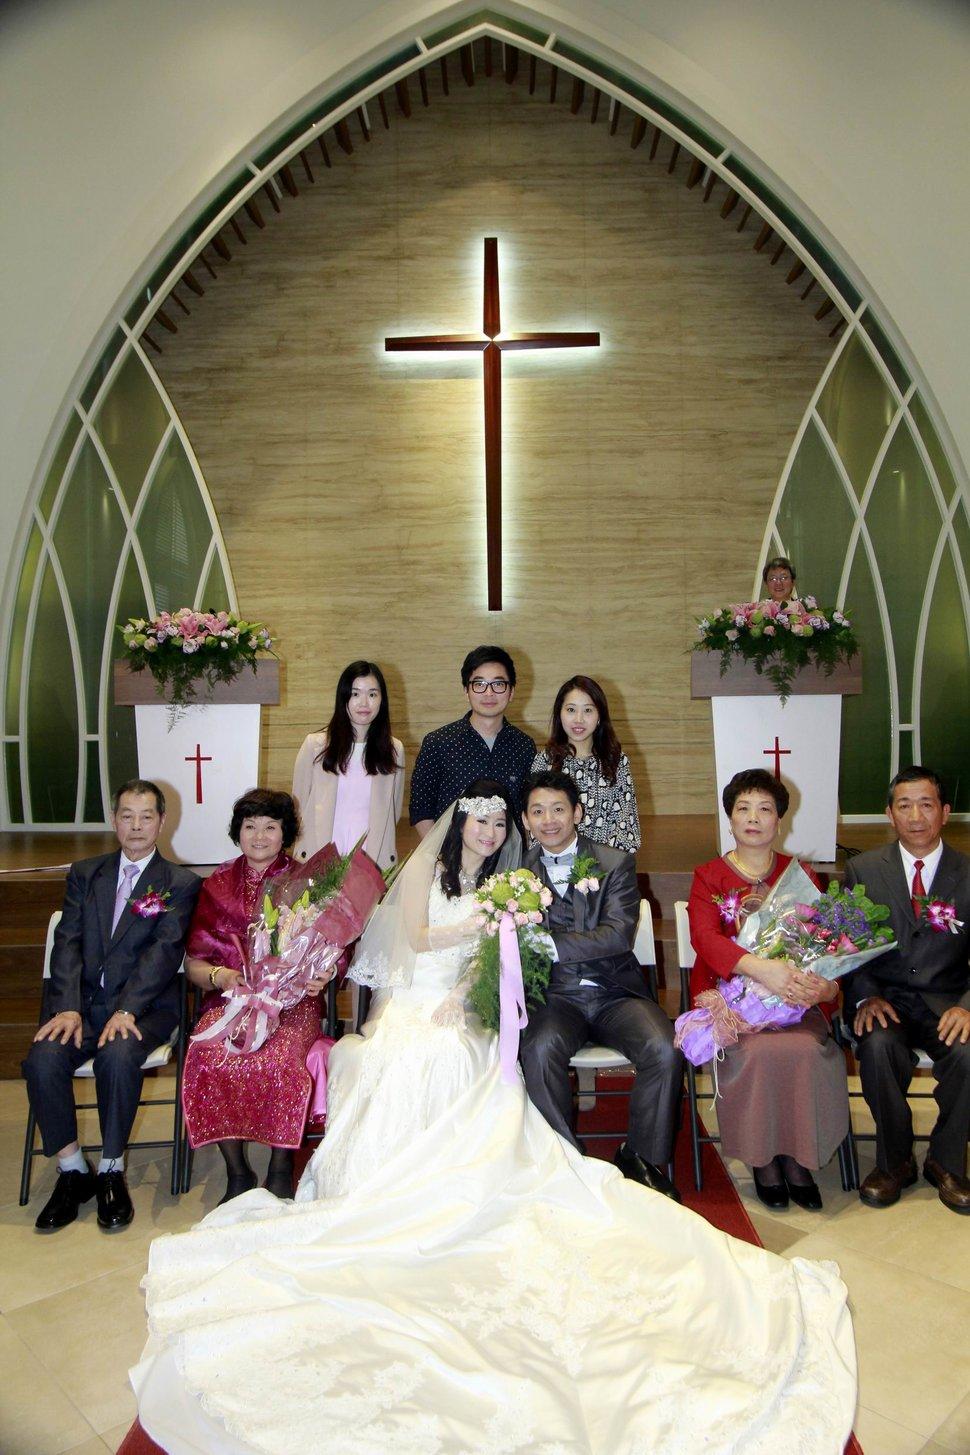 汐止那米哥餐廳婚宴會館餐廳婚攝j婚錄結婚迎娶婚禮記錄動態微電影錄影專業錄影平面攝影婚禮紀錄婚攝婚錄主持人(編號:280685) - 蜜月拍照10800錄影12800攝影團隊 - 結婚吧